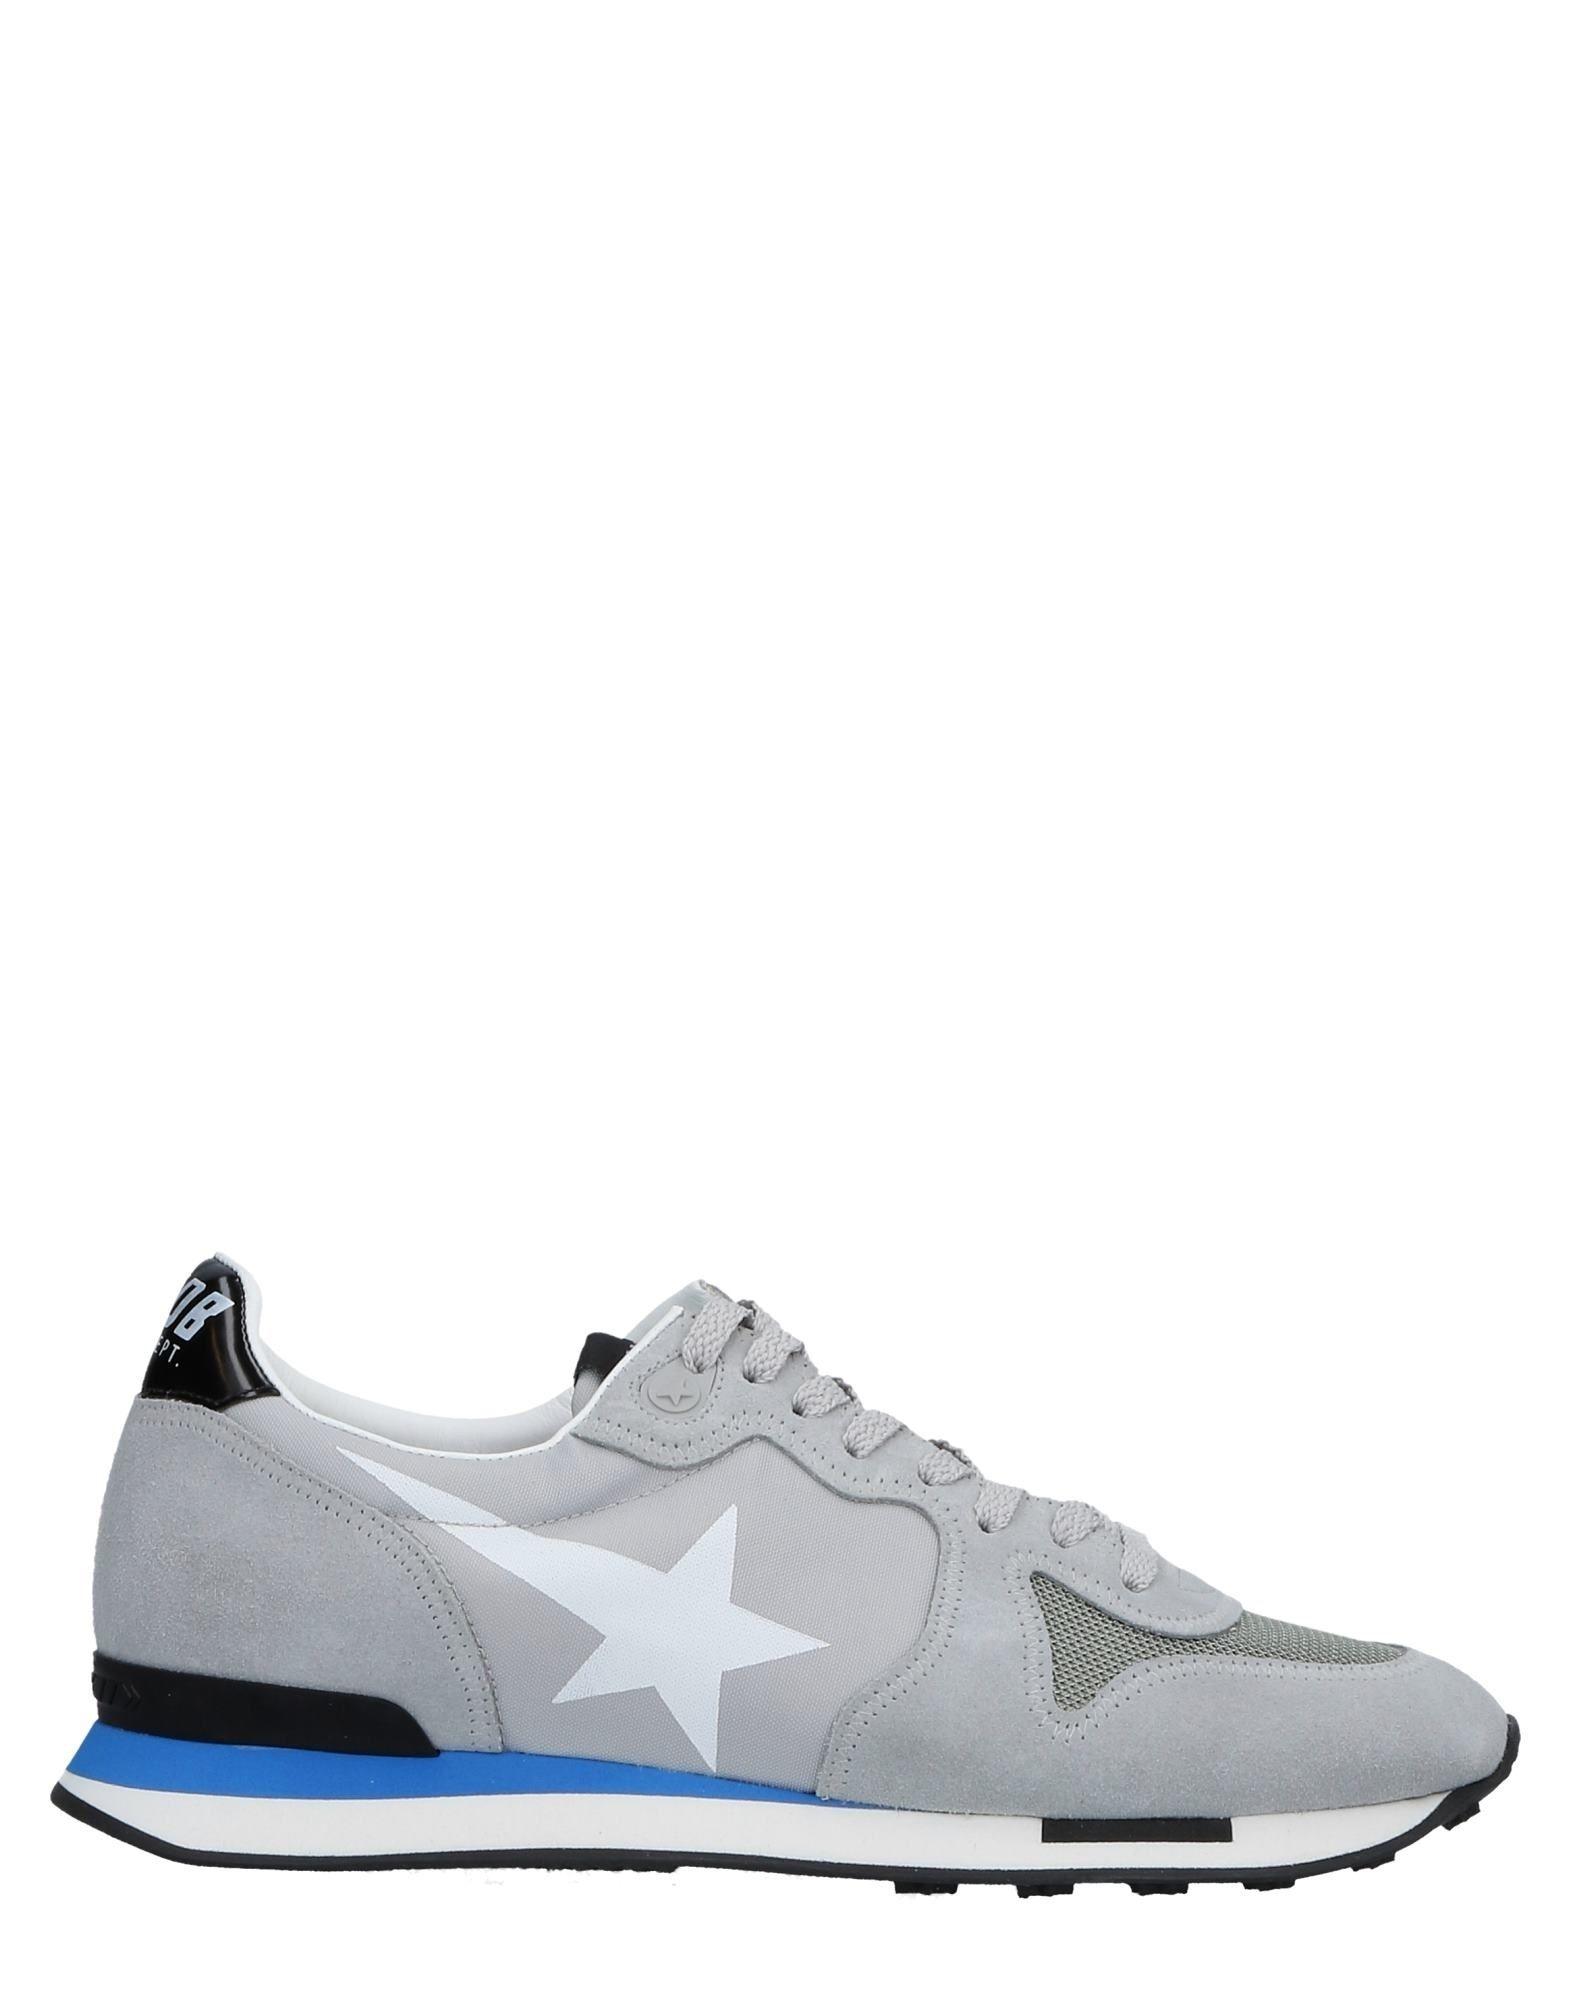 Golden Goose Deluxe Brand Sneakers - Brand Women Golden Goose Deluxe Brand - Sneakers online on  Canada - 11509899ST 47863c